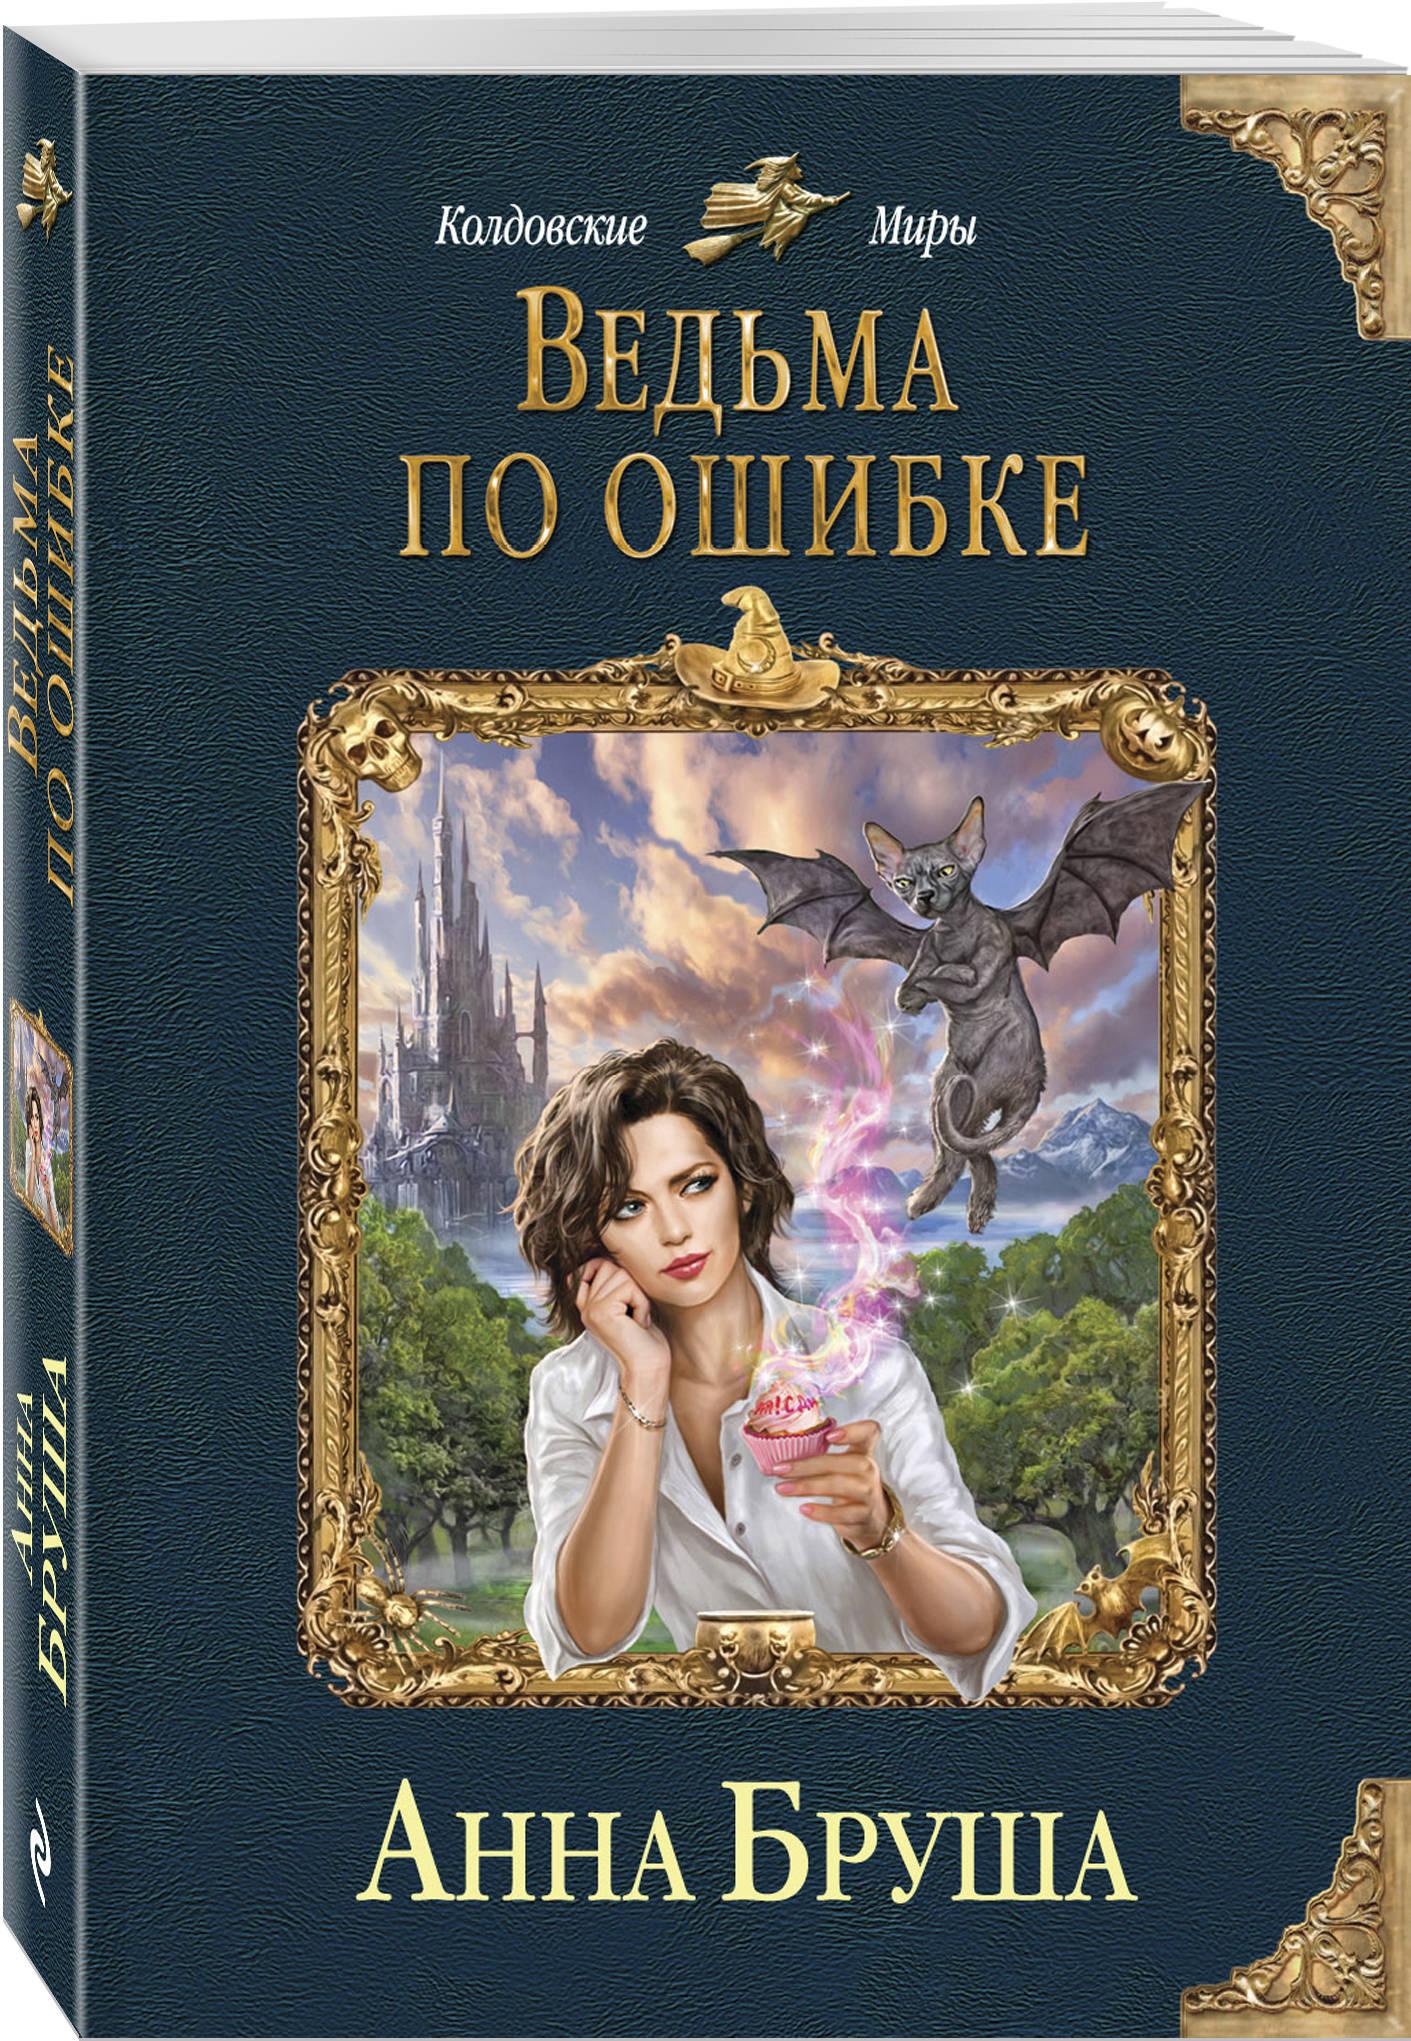 Анна Бруша Ведьма по ошибке анна чарова флиртующая с демонами